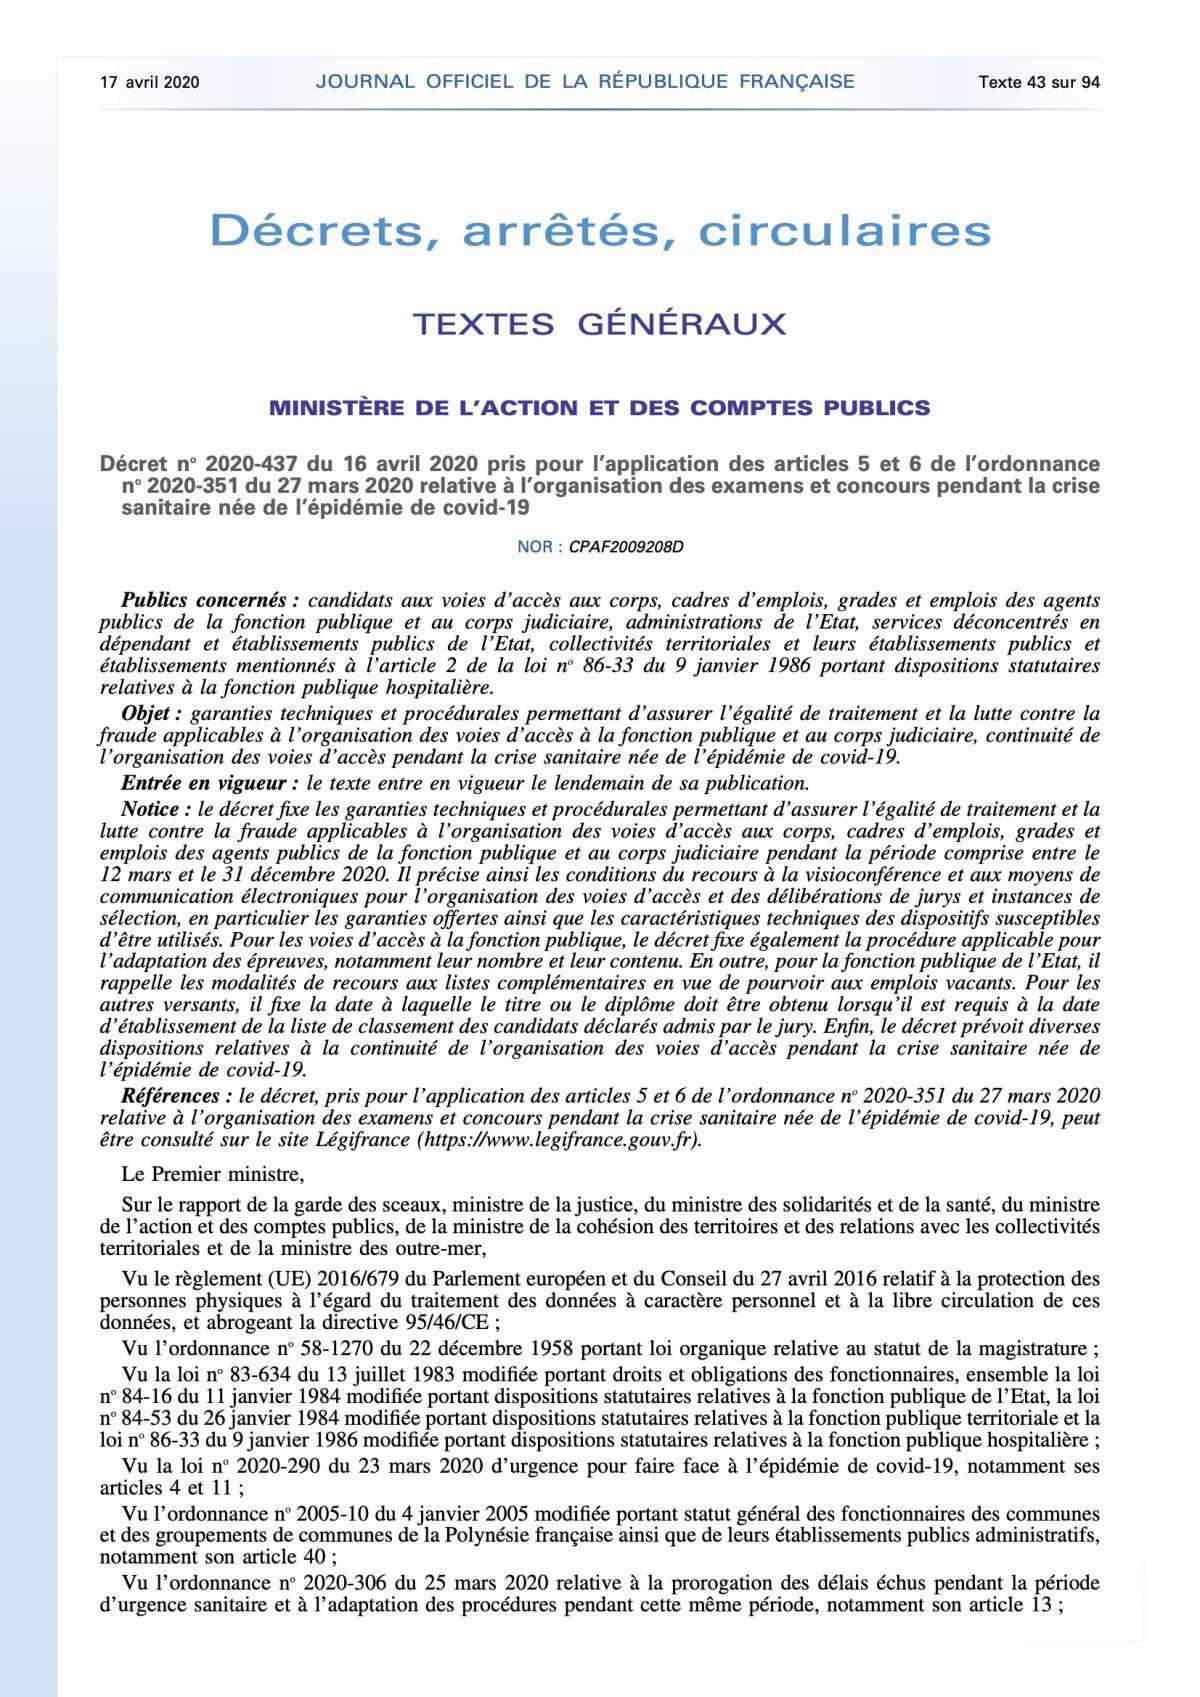 Décret no 2020-437 du 16 avril 2020 relative à l'organisation des examens et concours pendant la crise sanitaire née de l'épidémie de covid-19